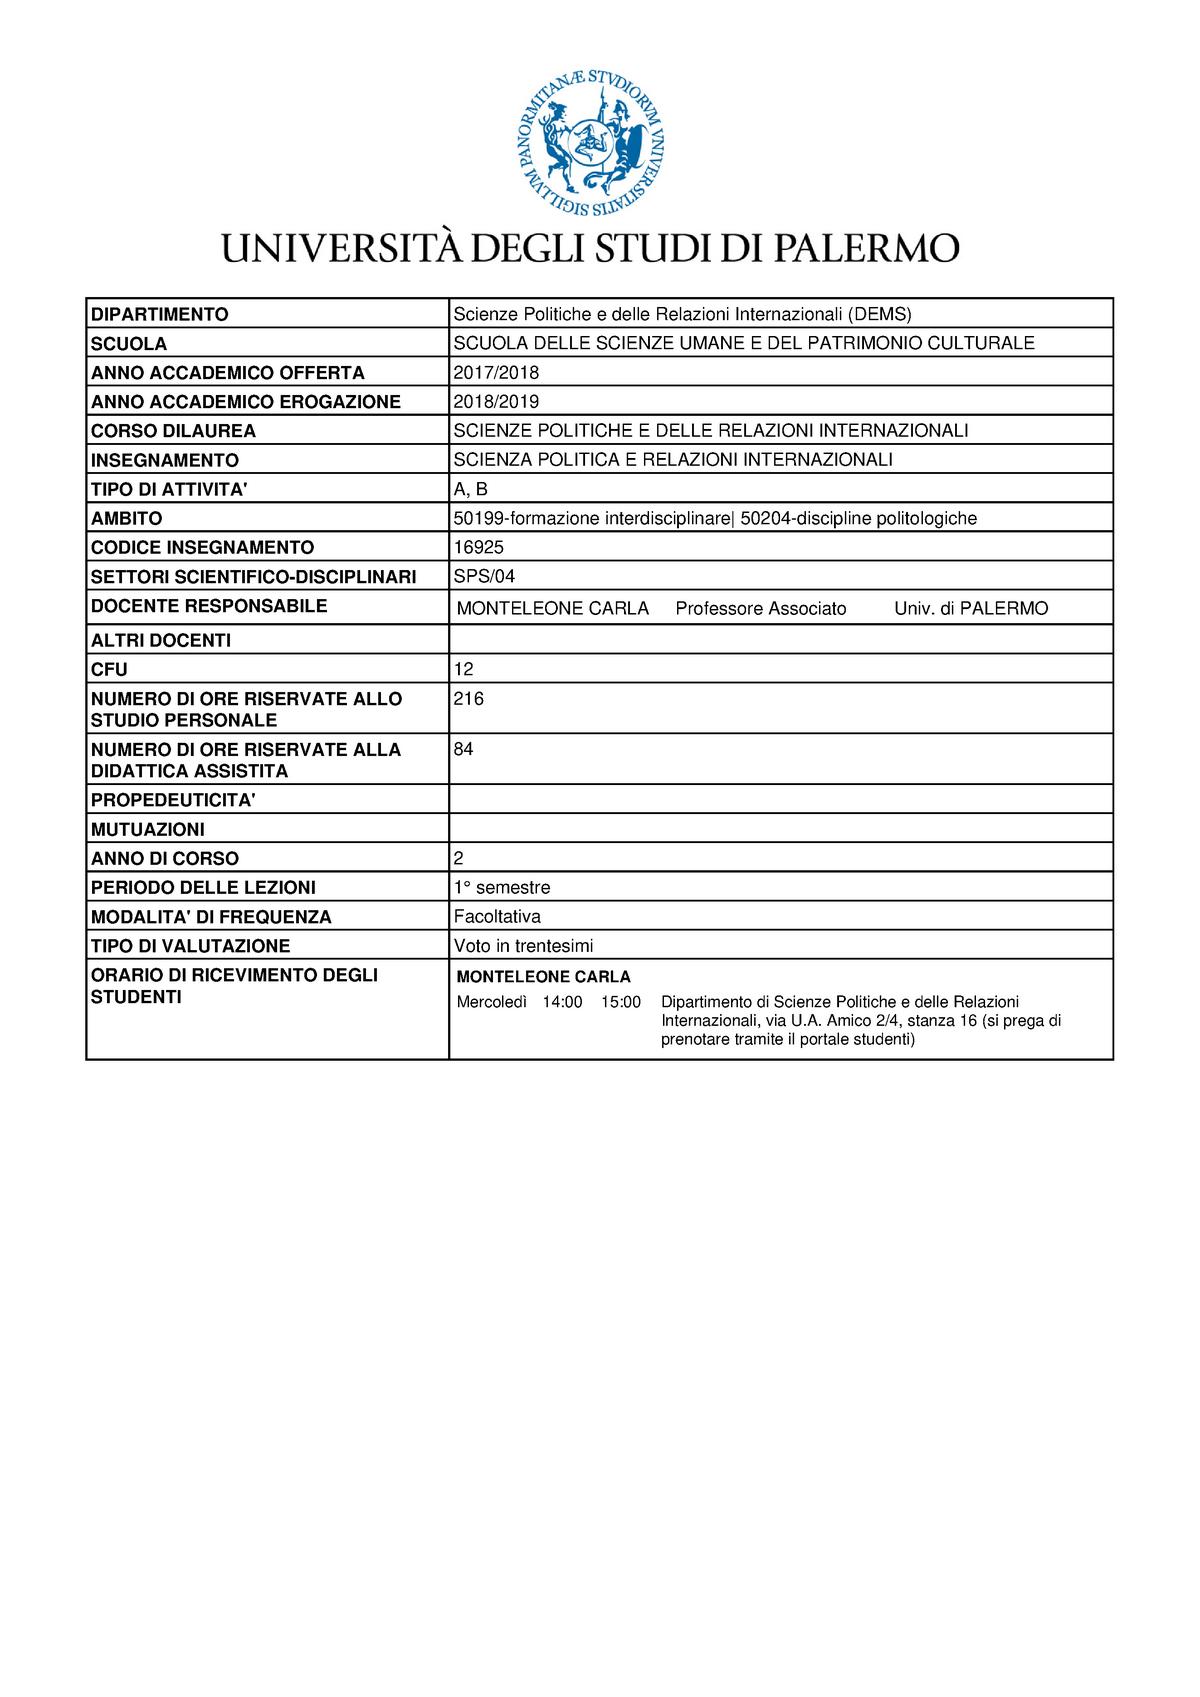 Calendario Didattico Unipa Scuola Delle Scienze Umane.Scienza Politica E Relazioni Internazionali 16925 Unipa